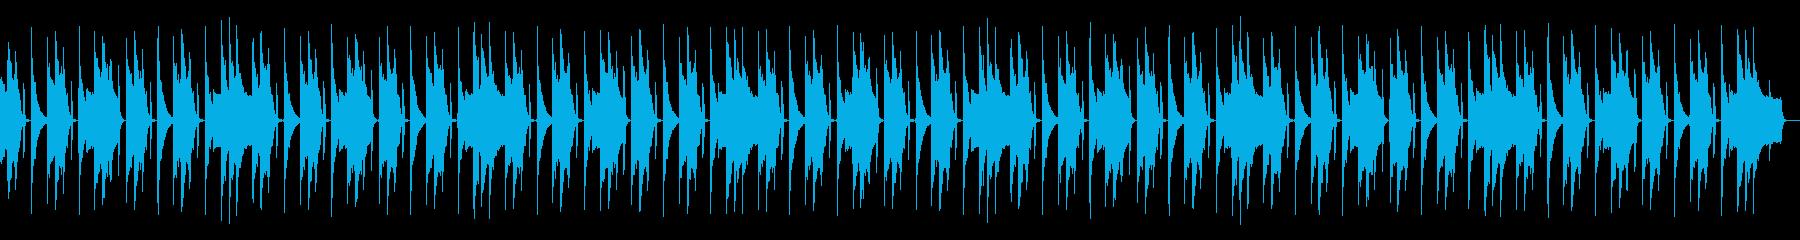 FM音源のループの再生済みの波形